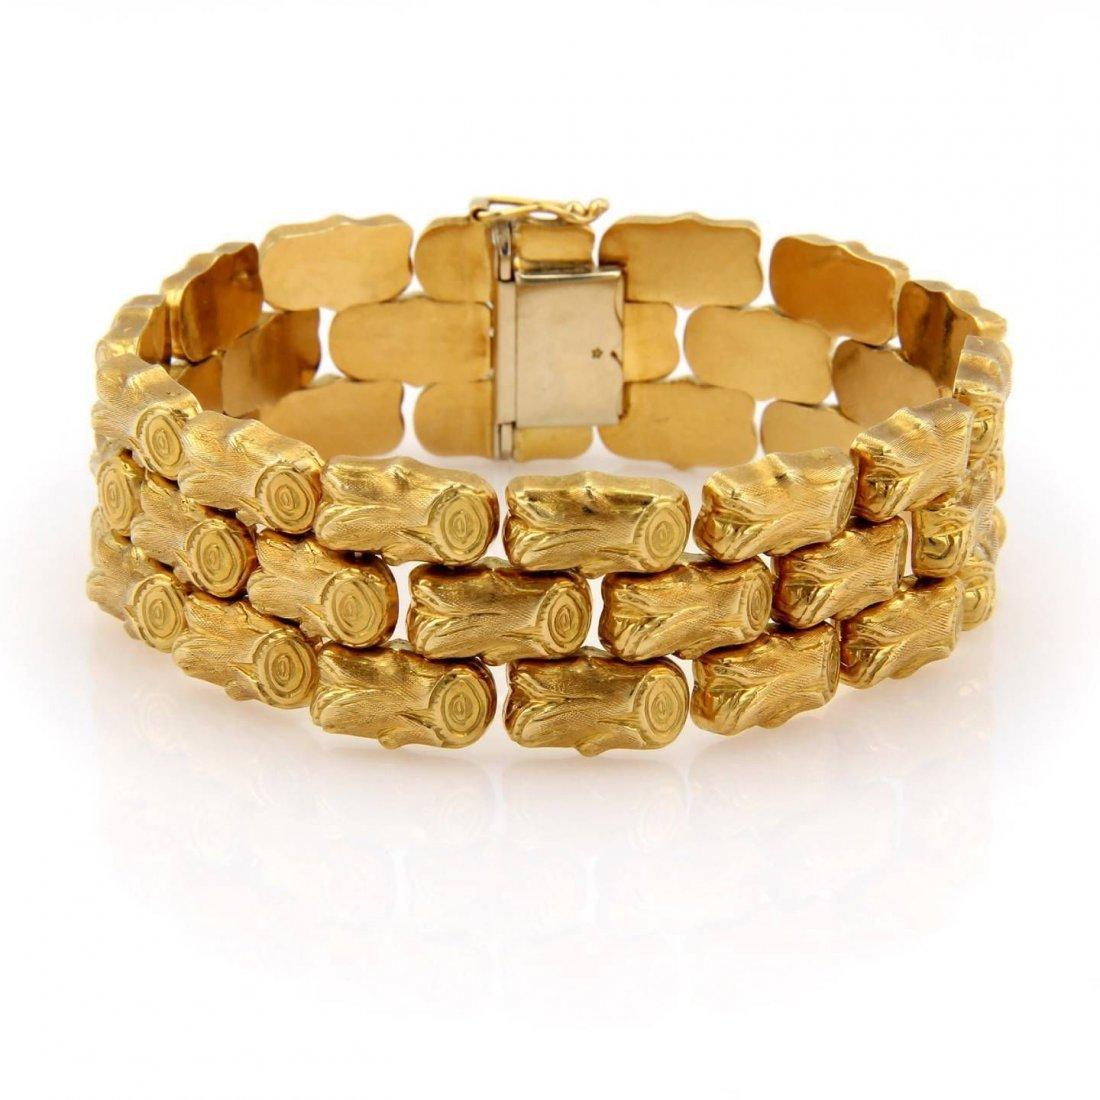 18K Yellow Gold Fancy 3 Row Link Bracelet - 45.1 Grams